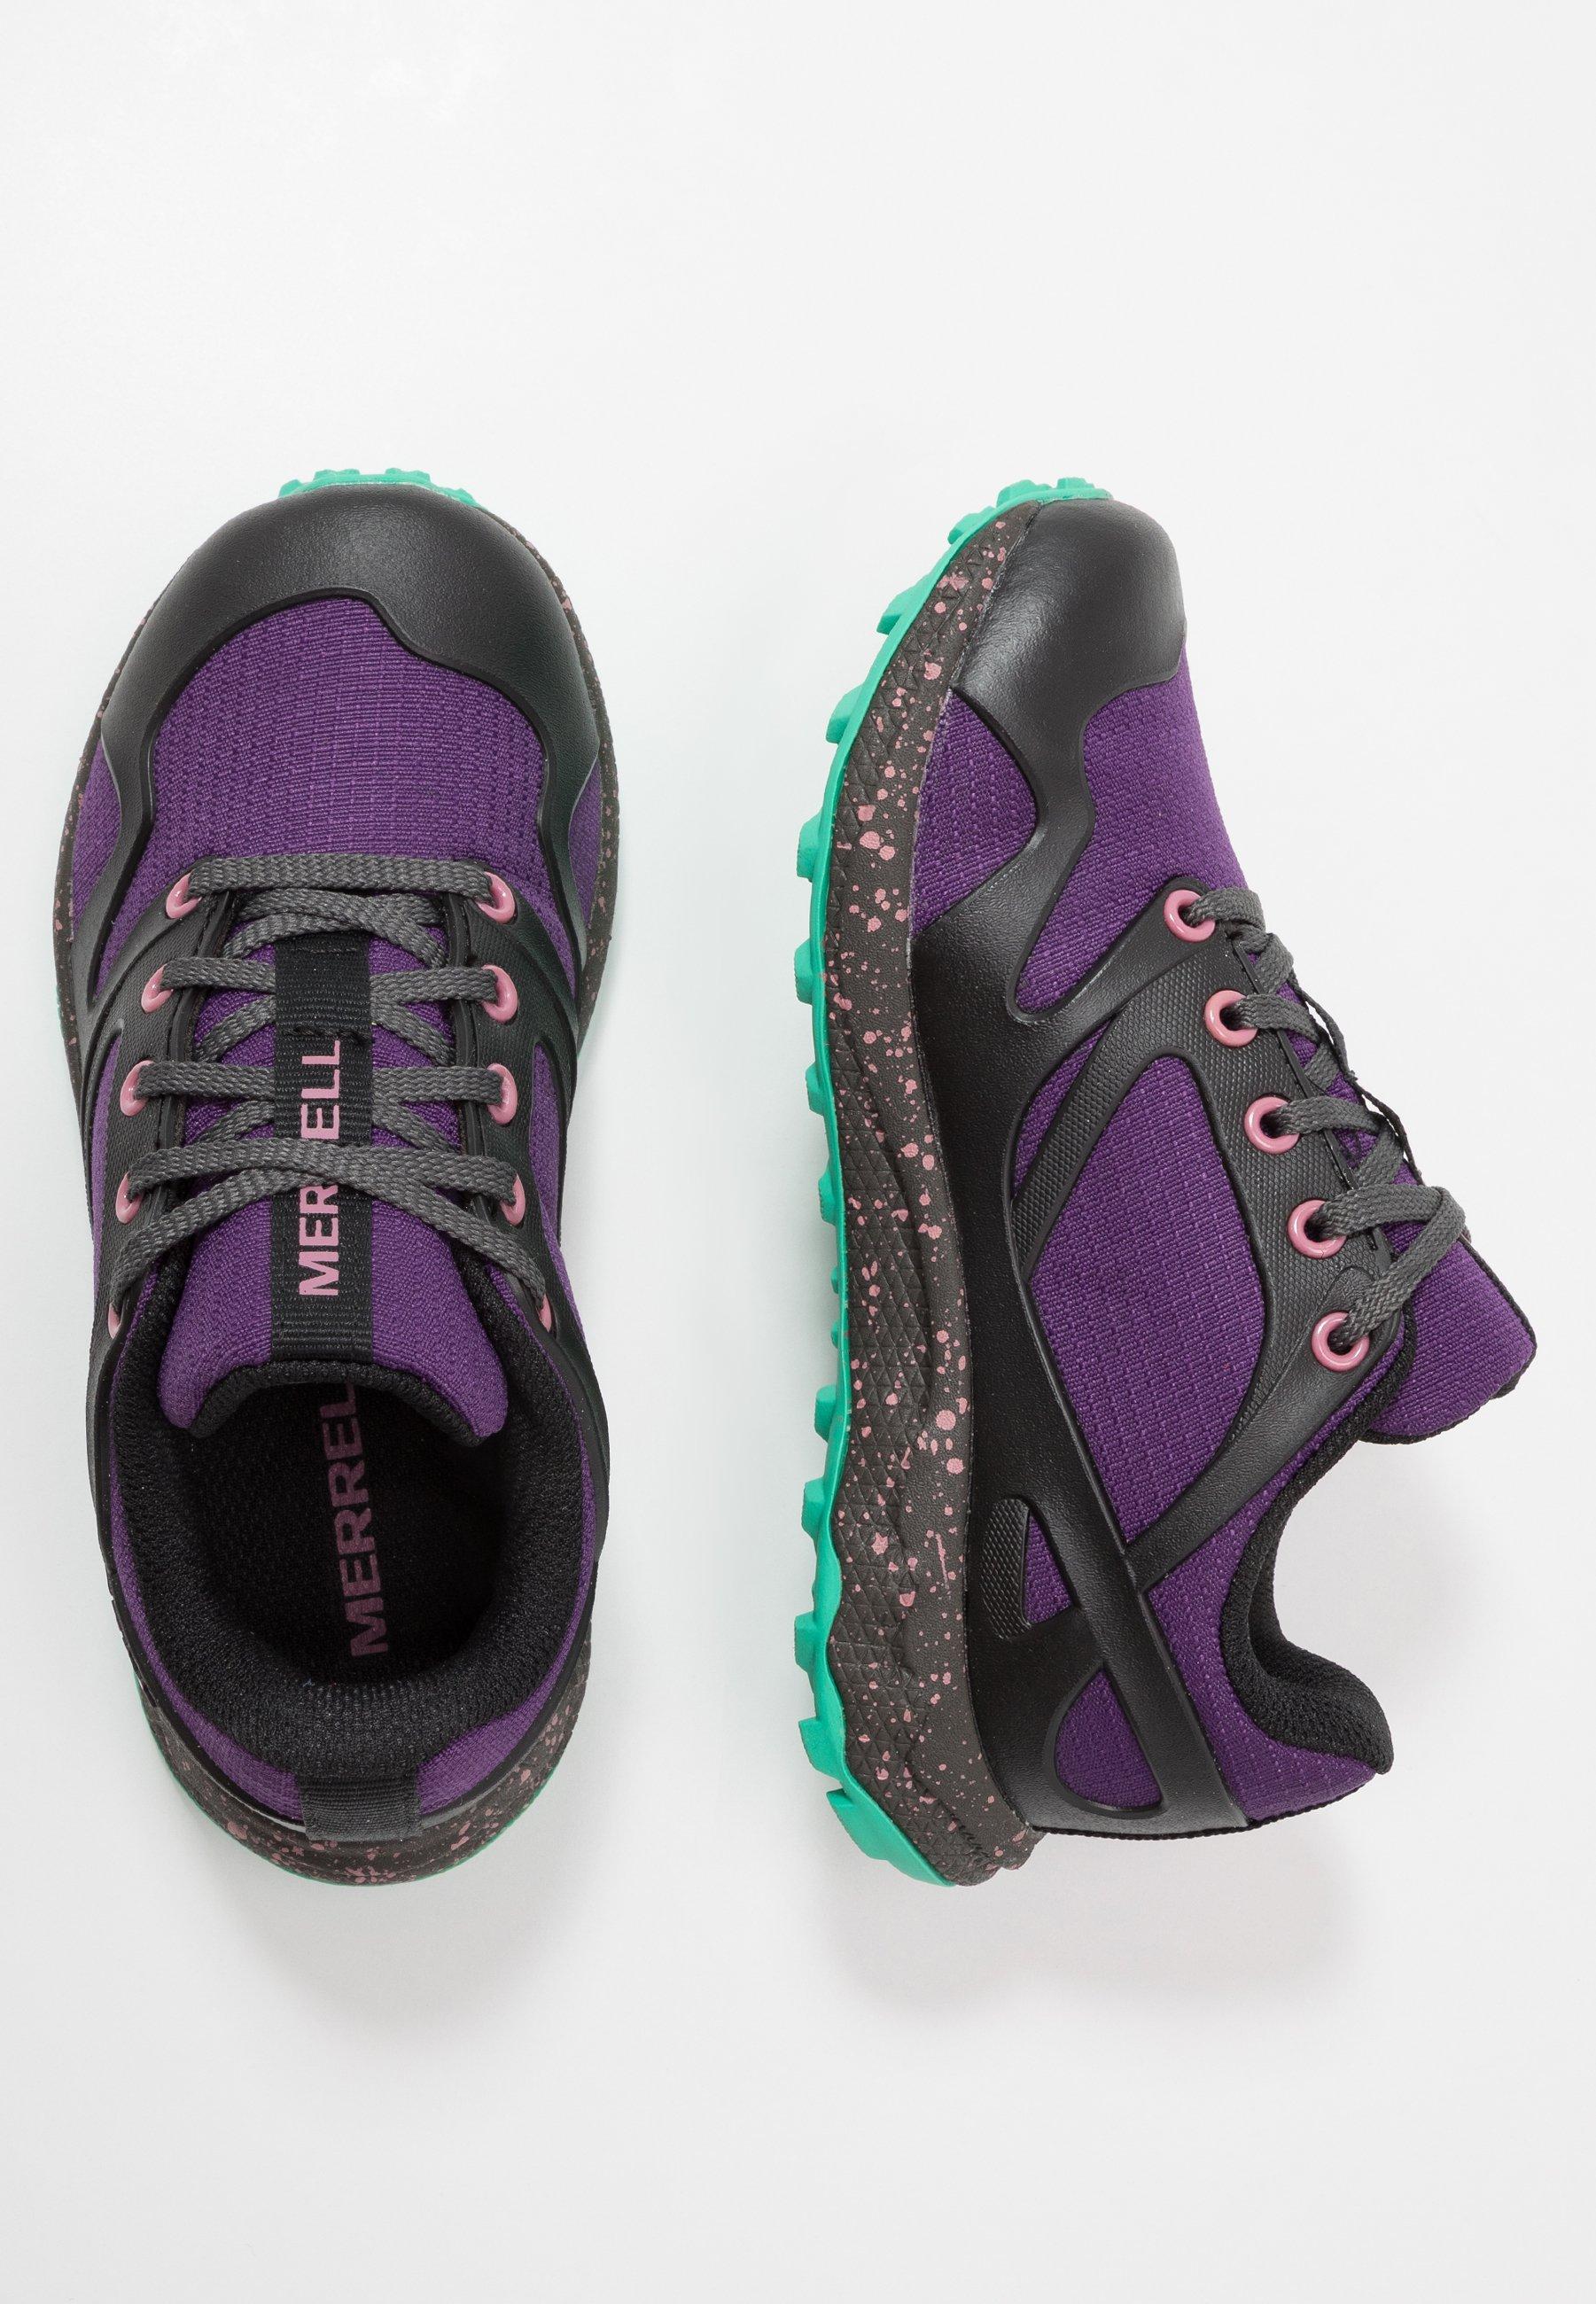 Enfant M-ALTALIGHT LOW - Chaussures de marche